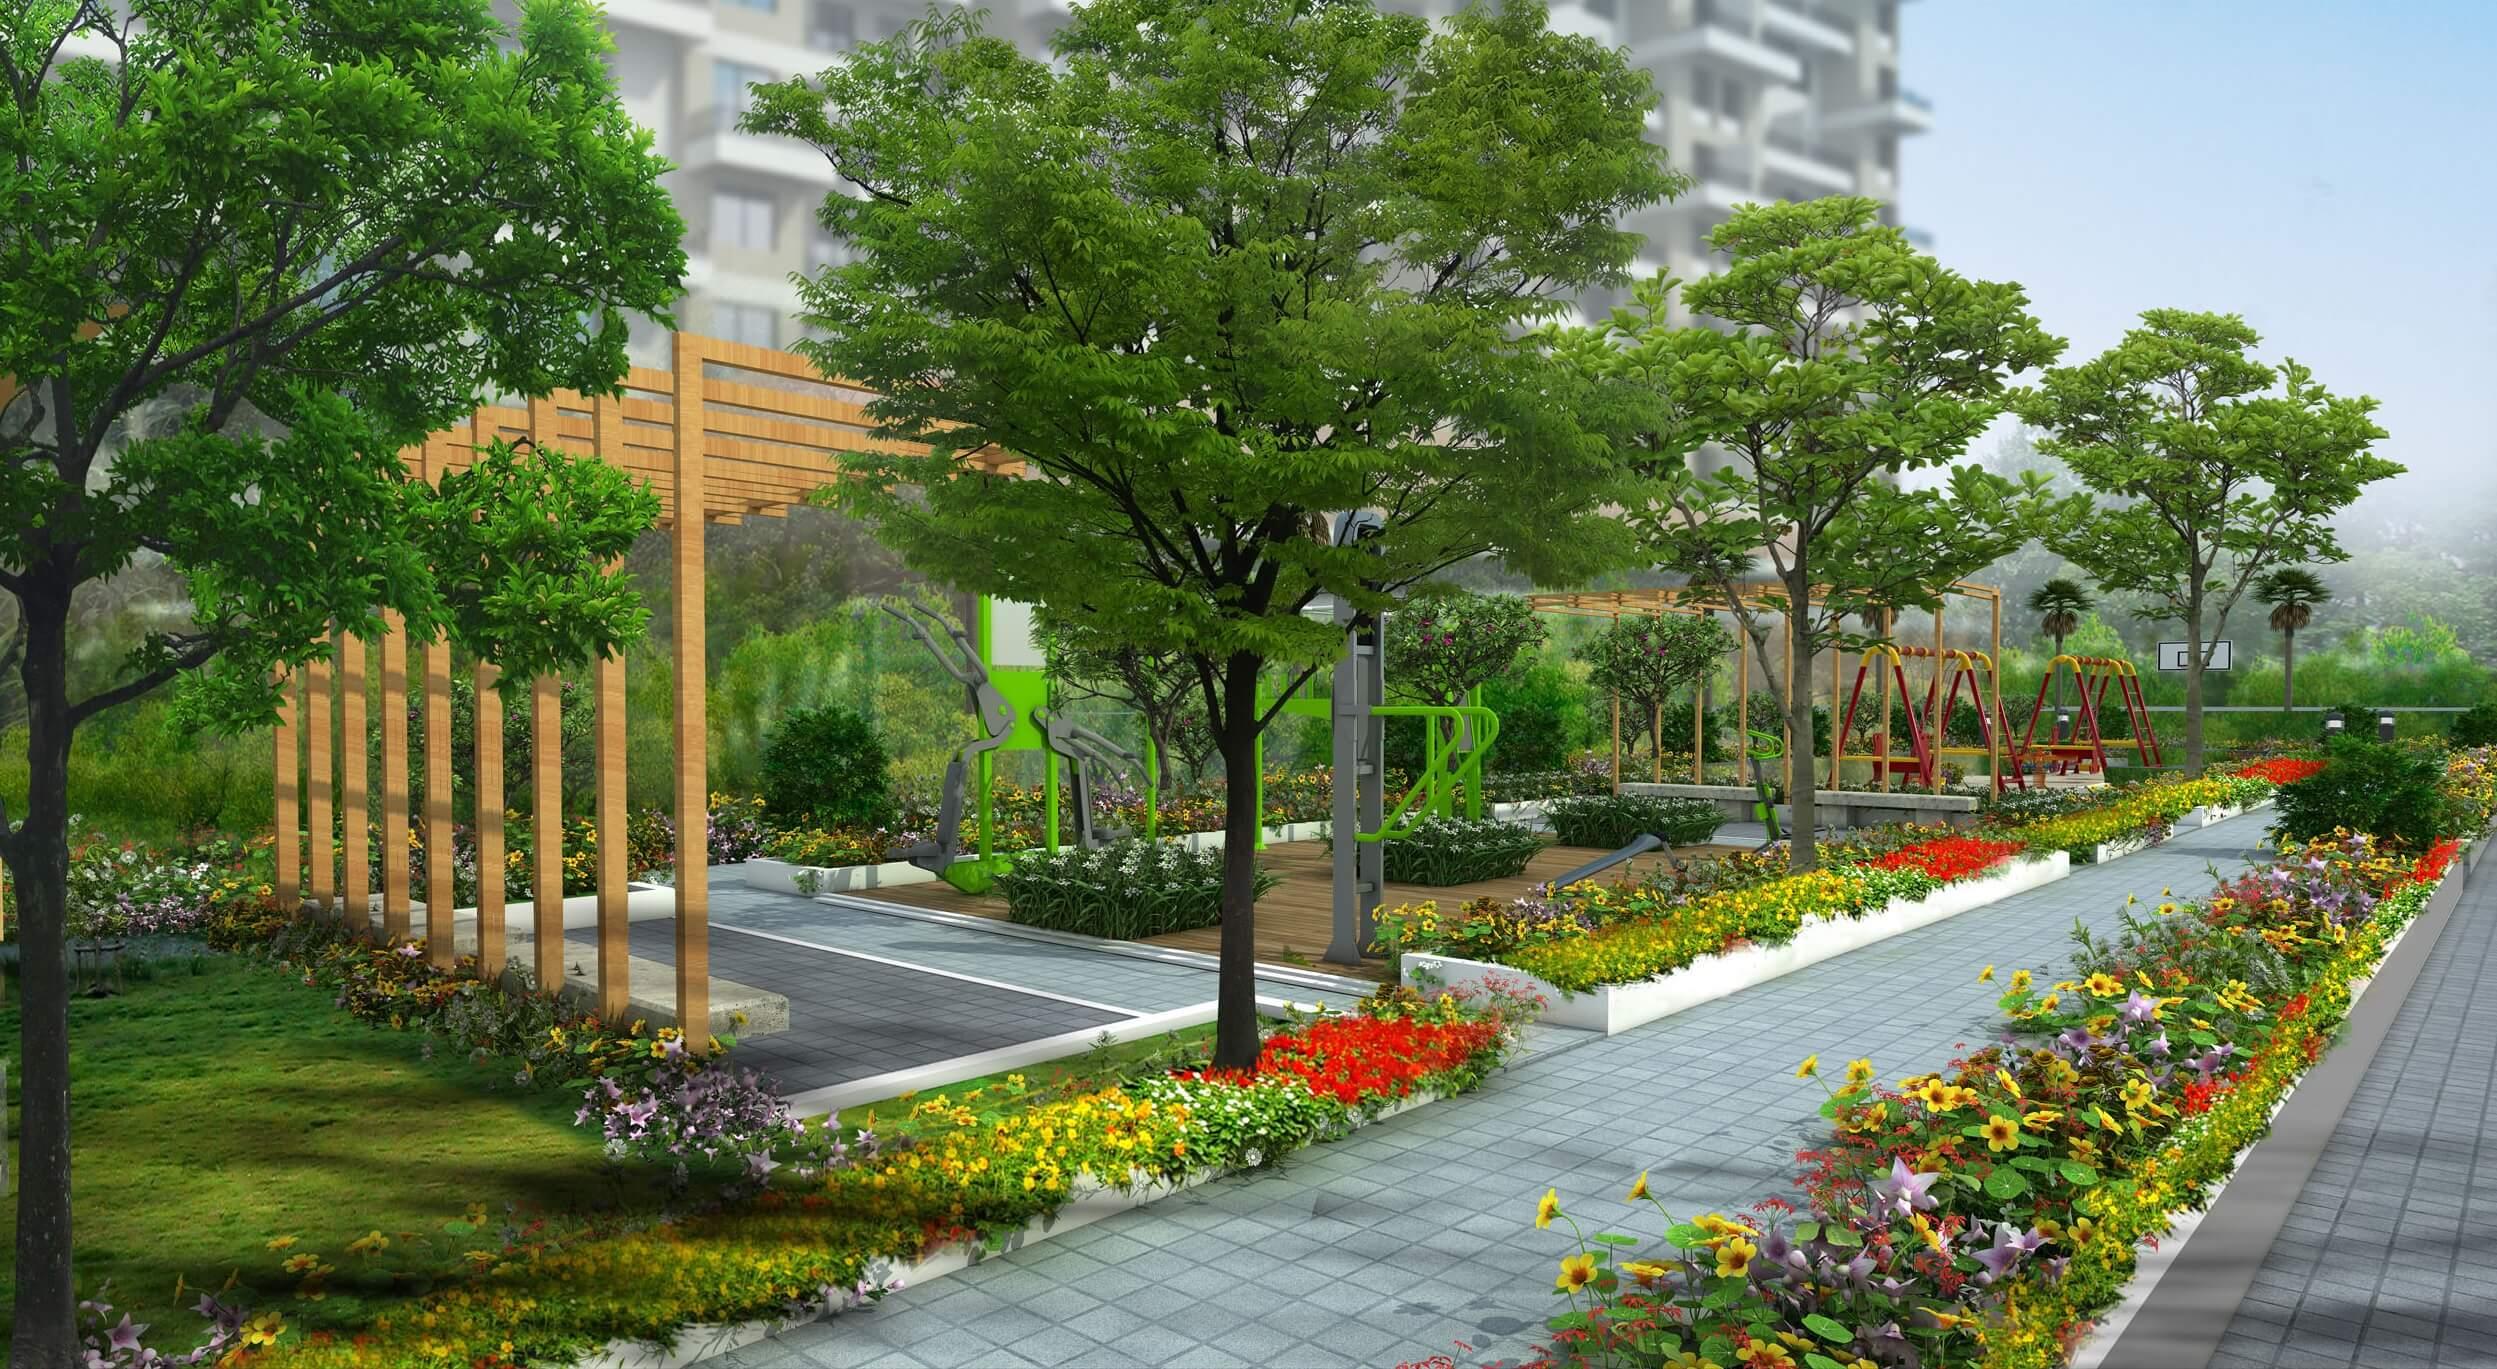 calyx navyangan amenities features1